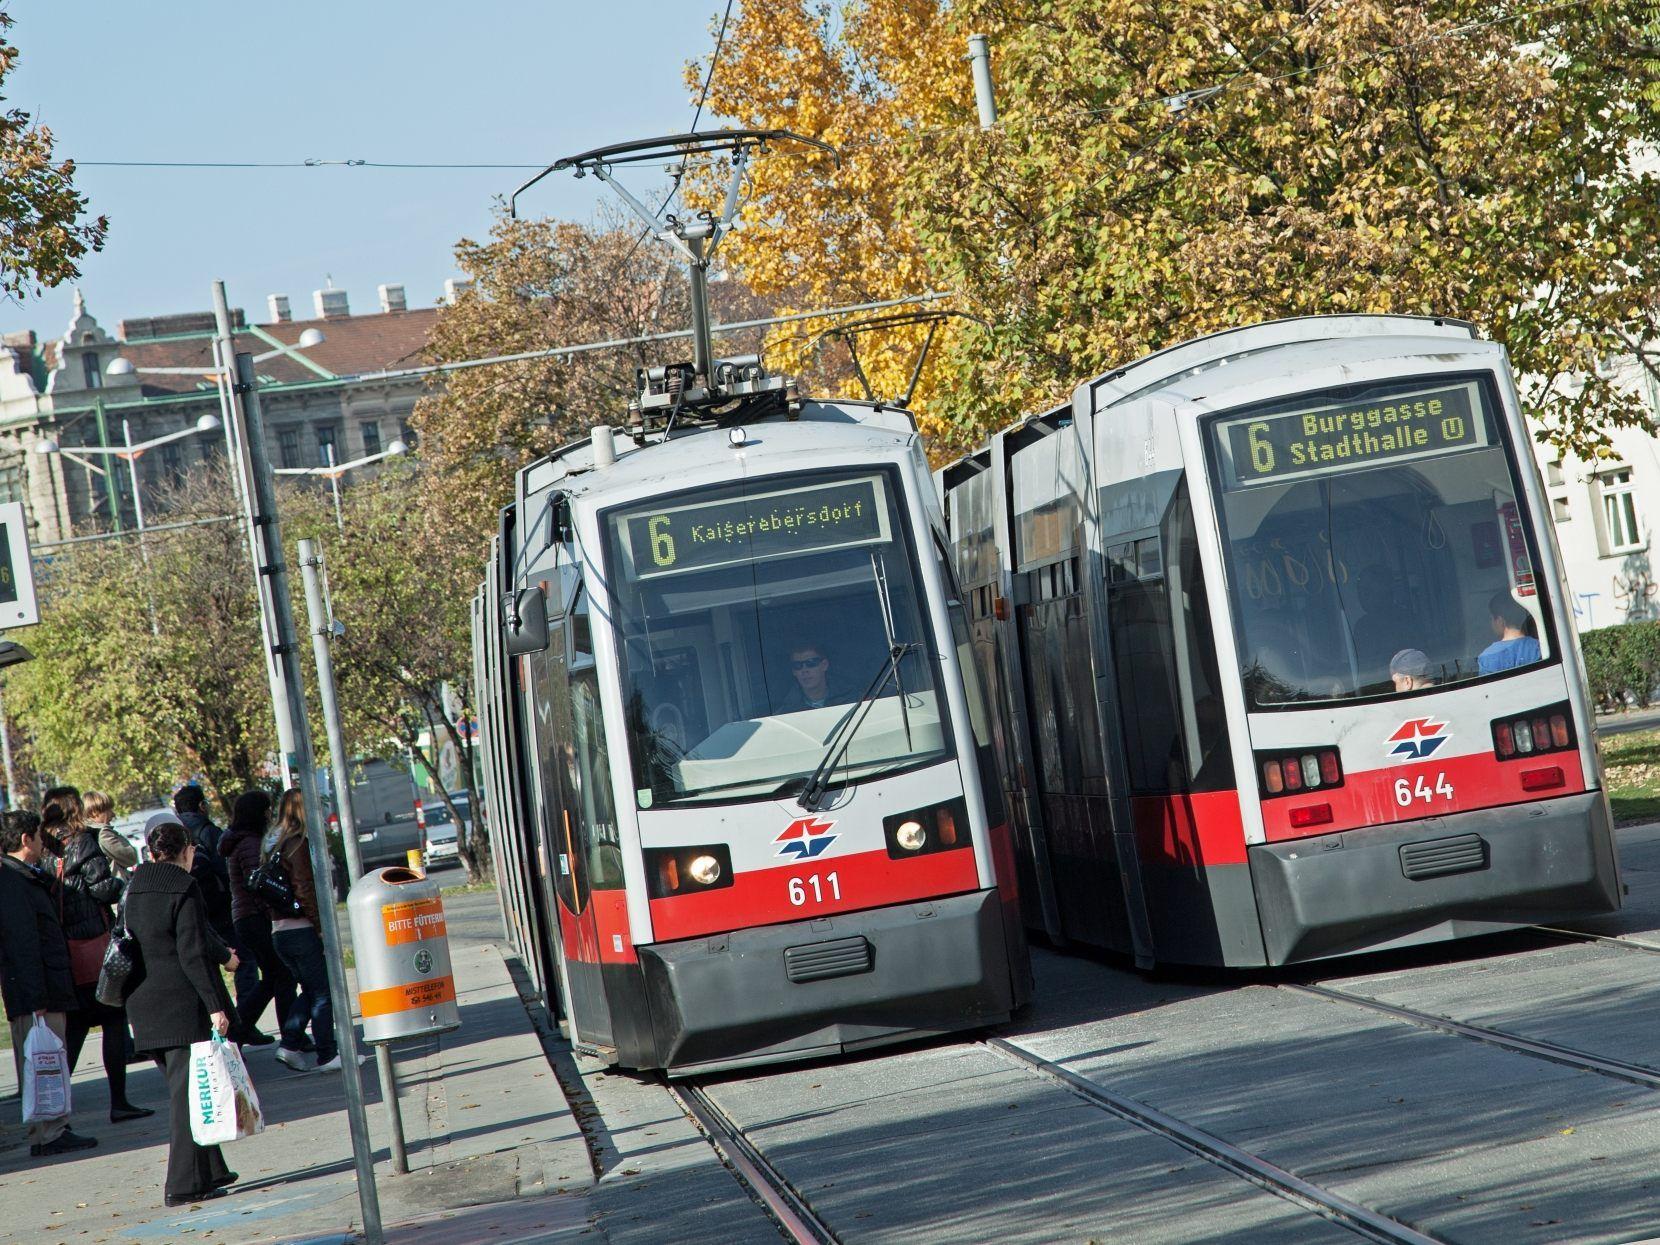 Wiener Linien änderungen Bei Straßenbahnlinien 6 11 Und 71